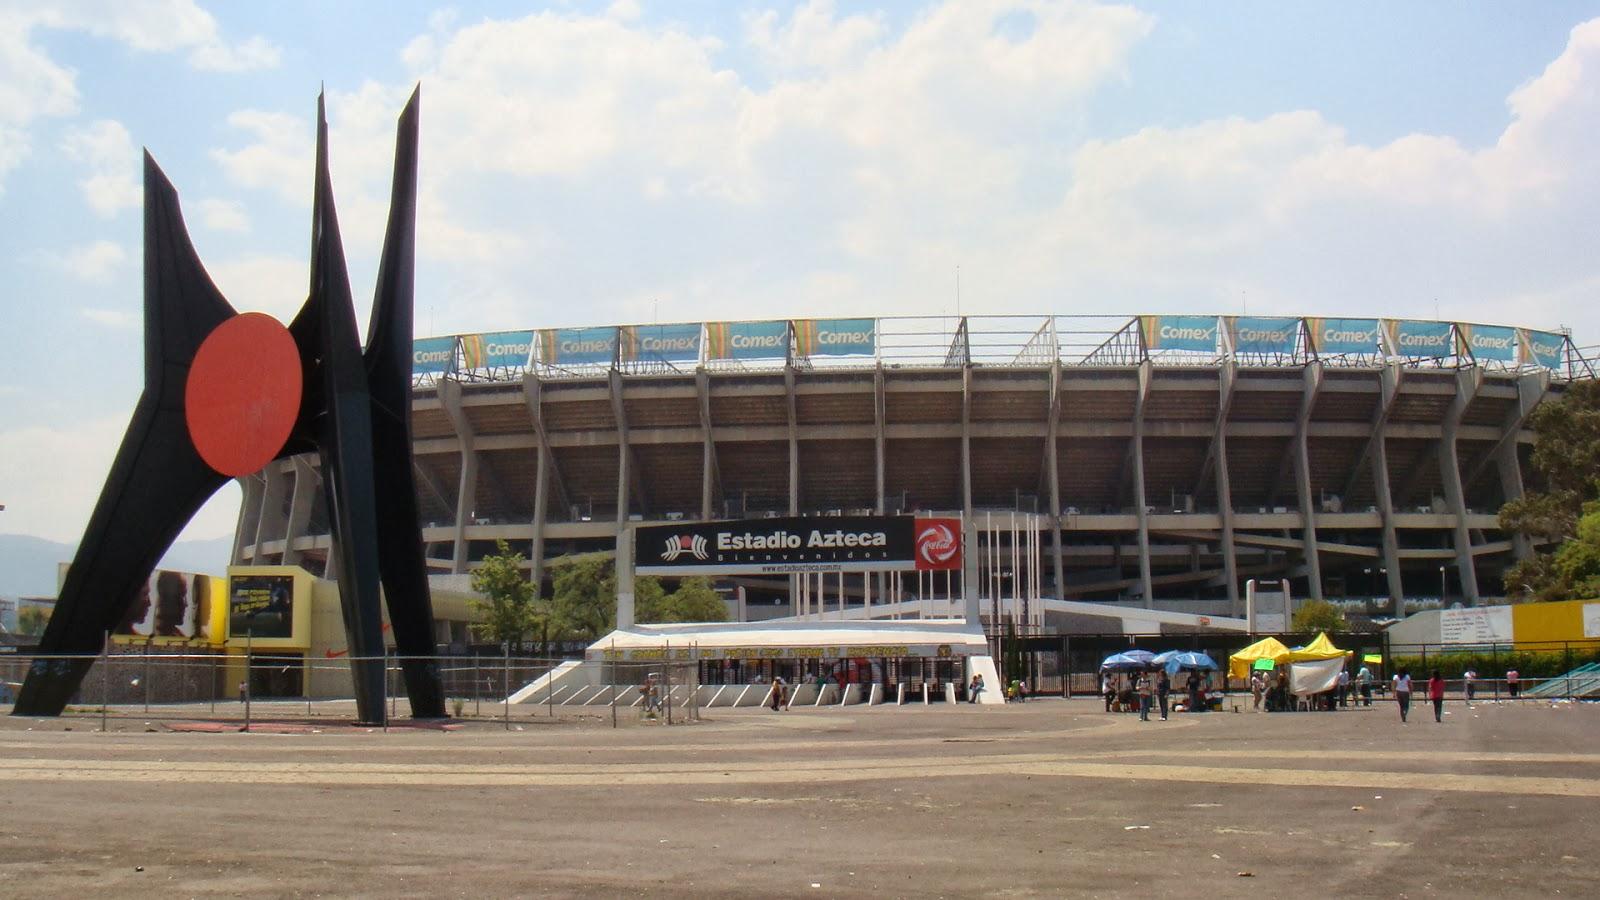 Chilango tours estadio azteca futbol mexicano for Puerta 1 estadio azteca